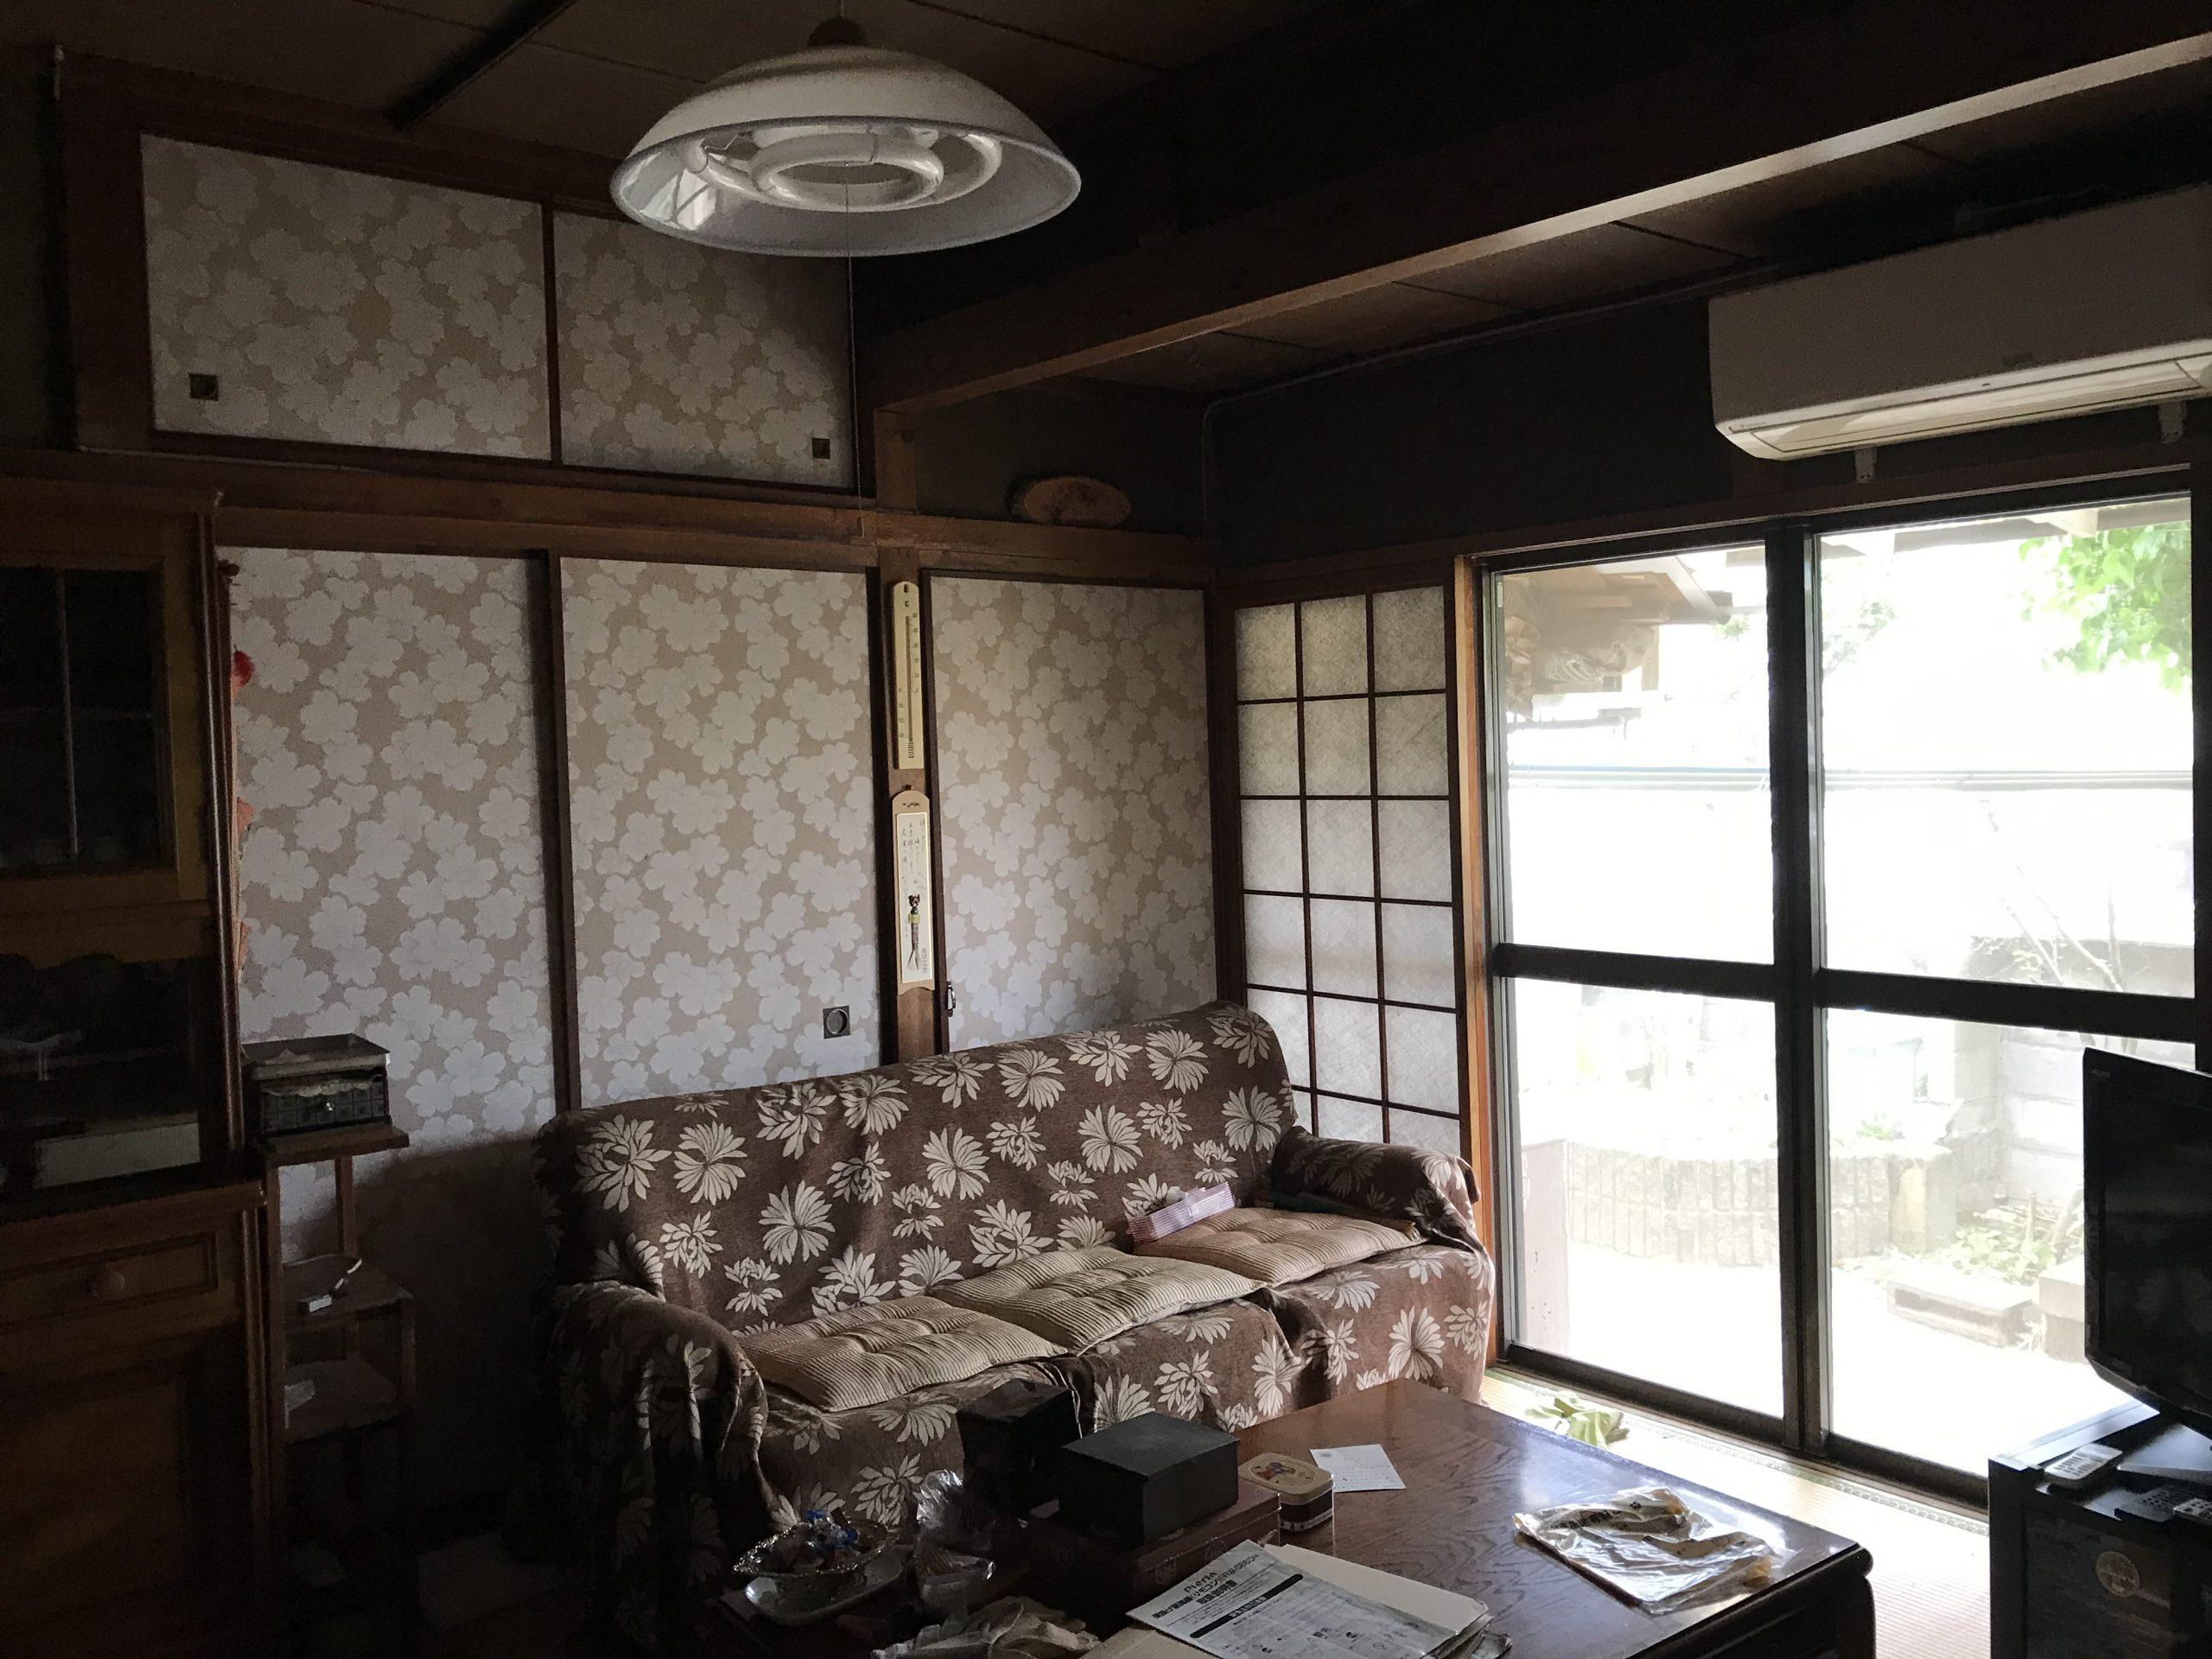 大分市竹の上 中古住宅 室内・和室2 大分不動産情報サービス